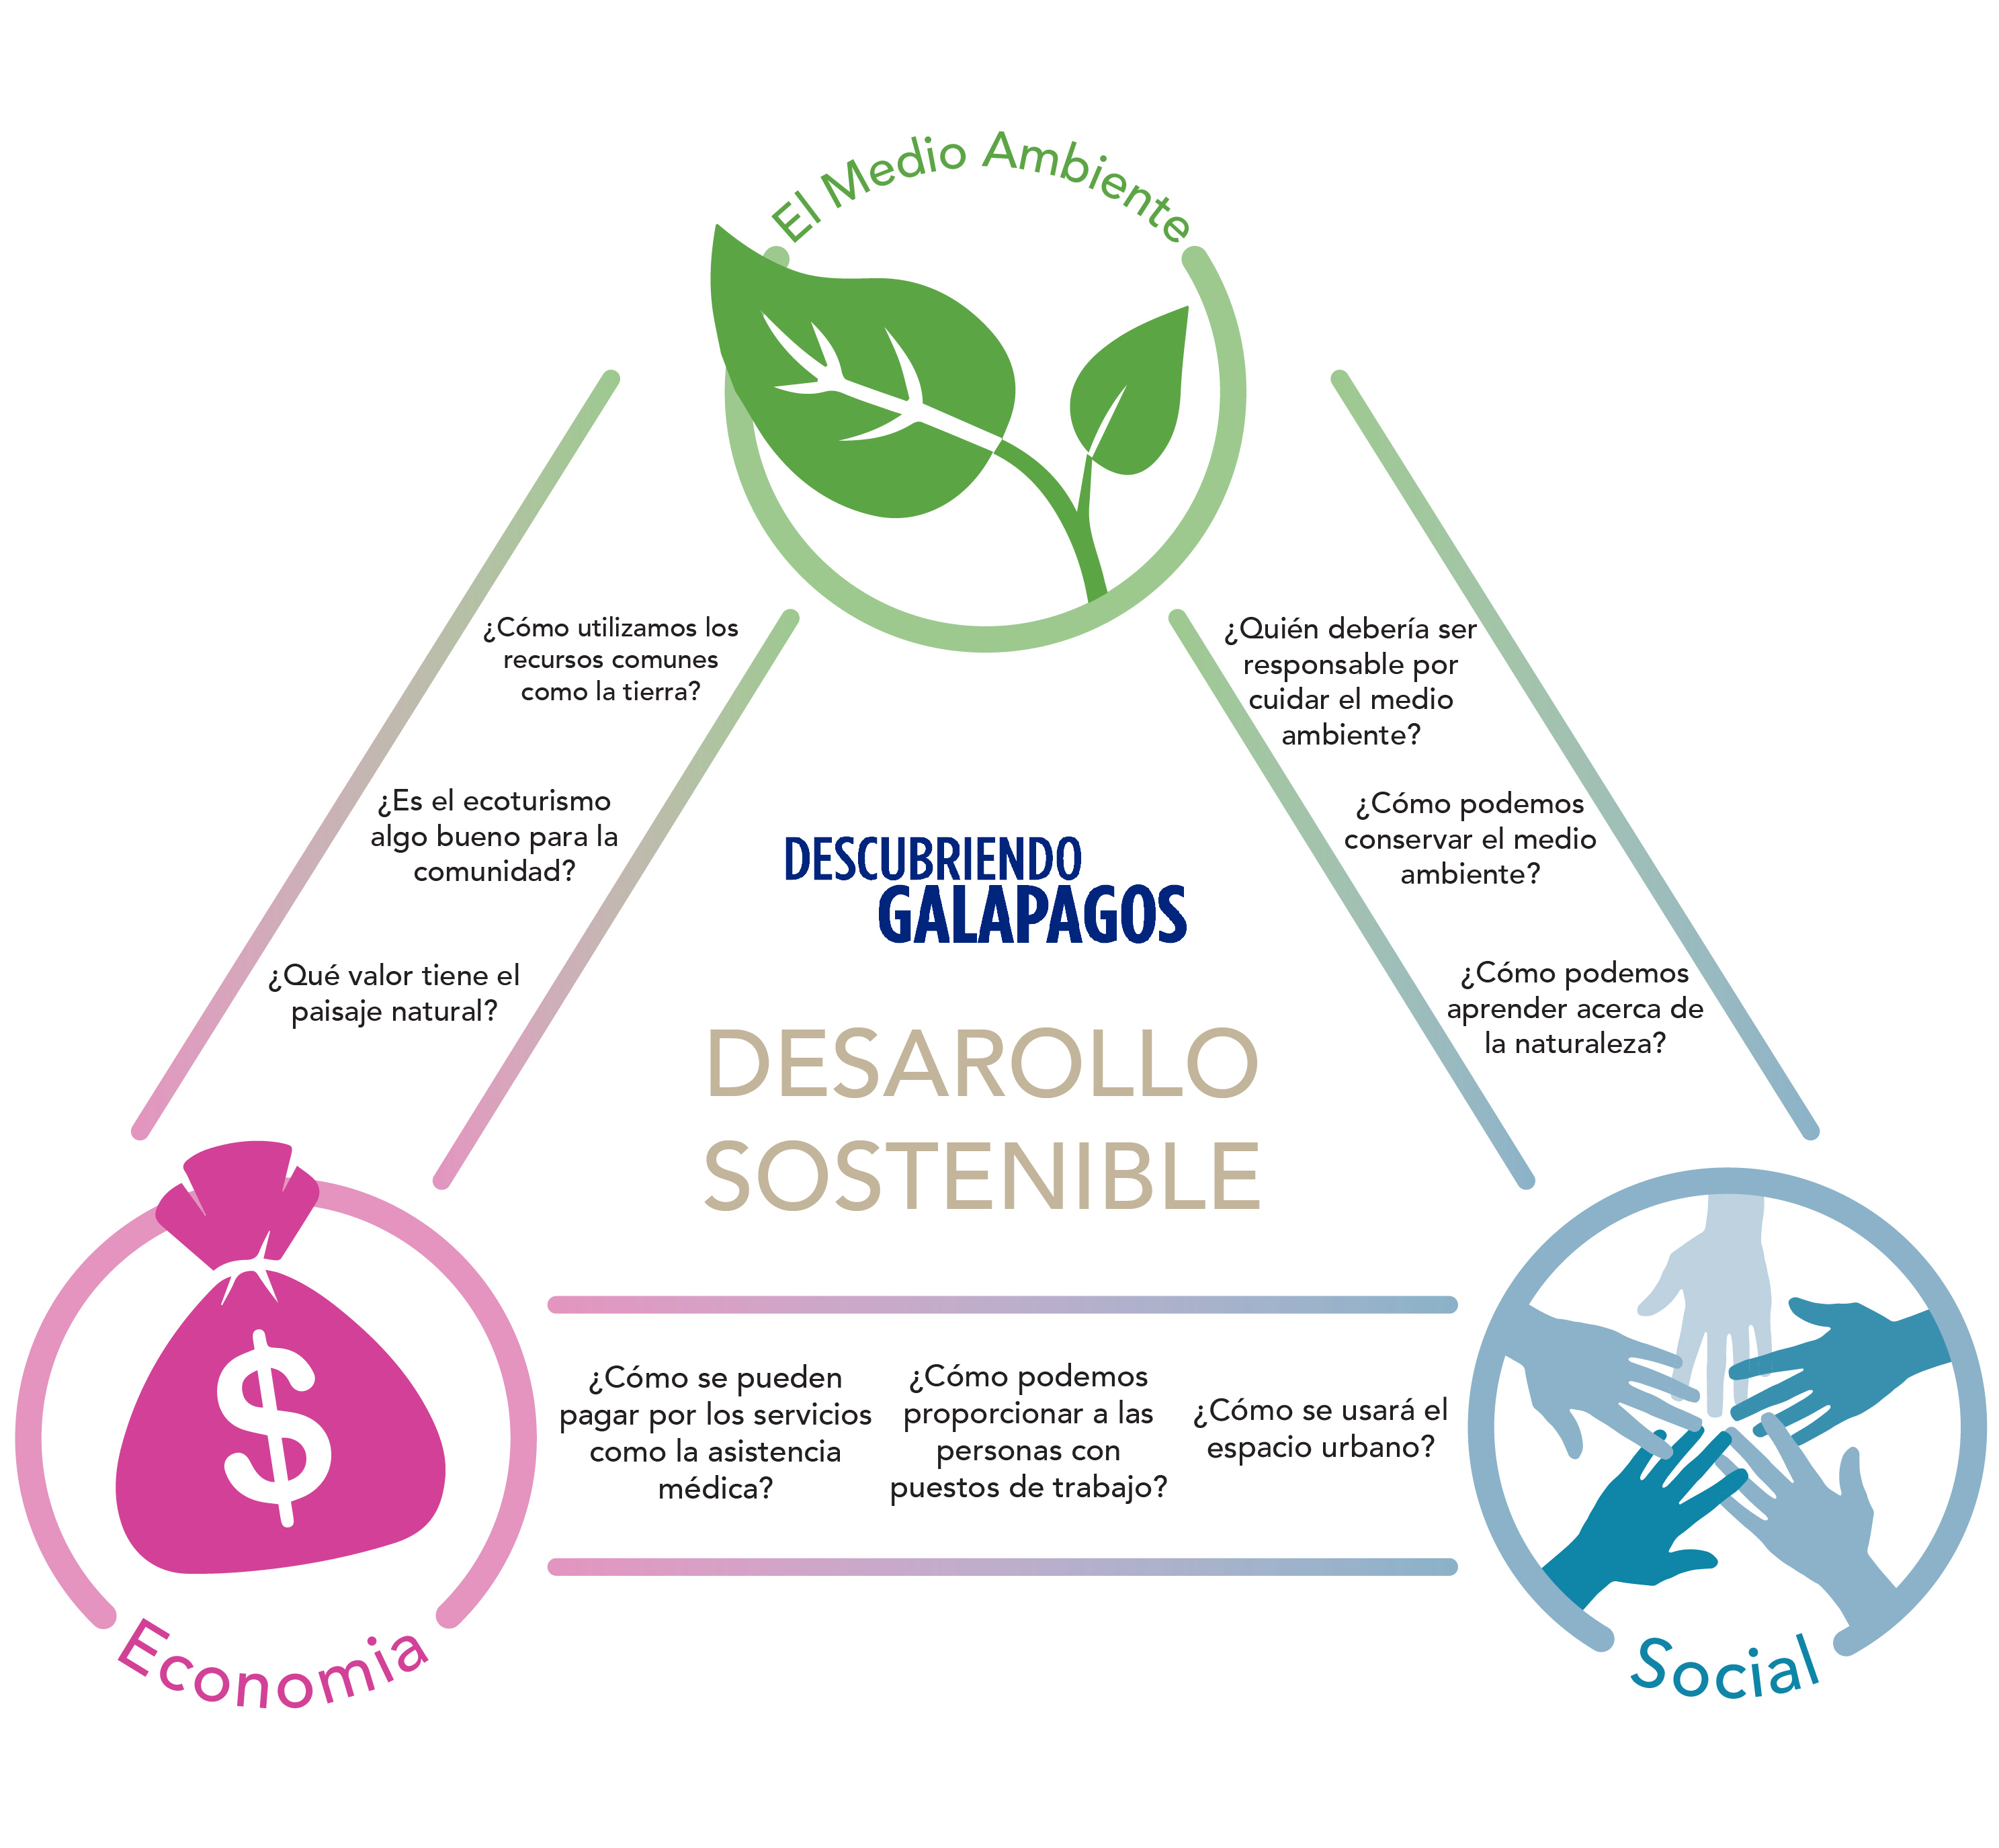 Gráficos de Galápagos: Desarollo Sostenible © GCT